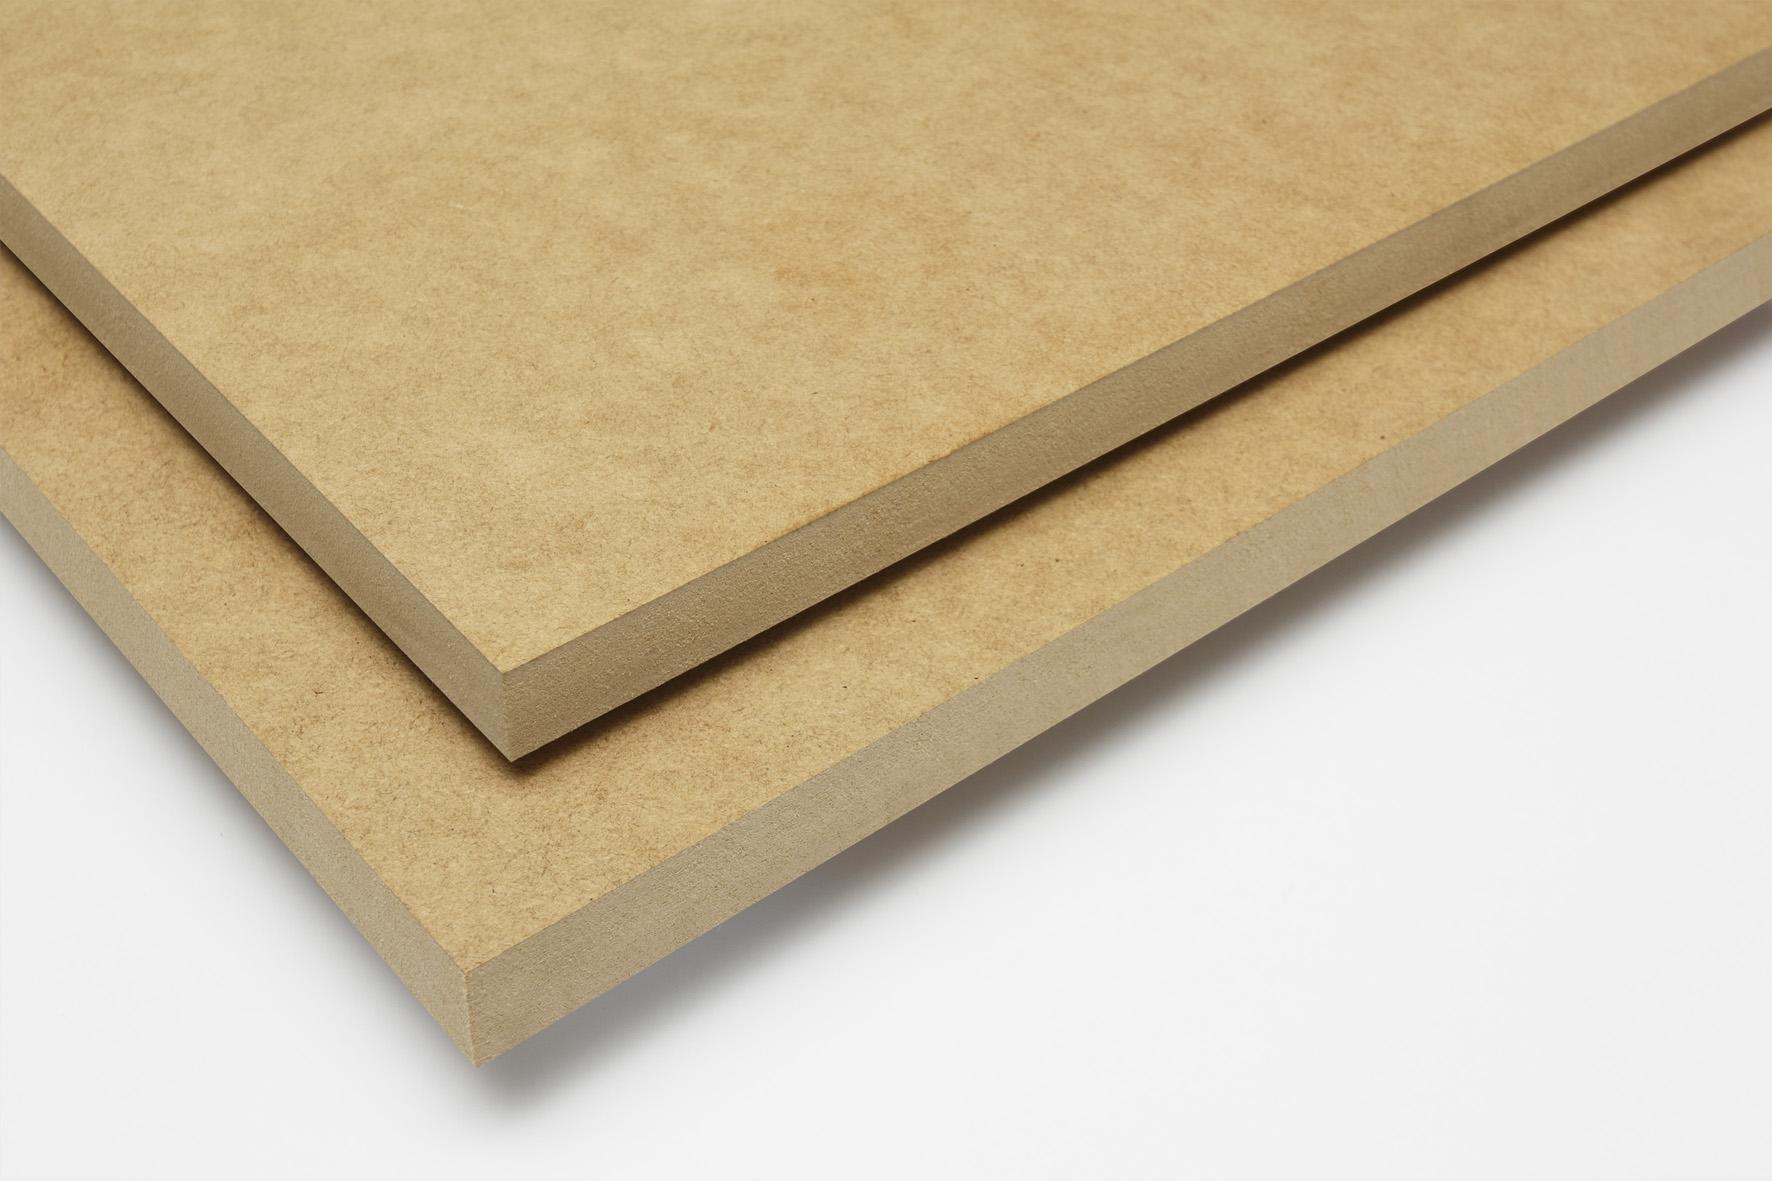 Plaquinhas de mdf kaka brindes elo7 for Placas de madera para revestimiento interior